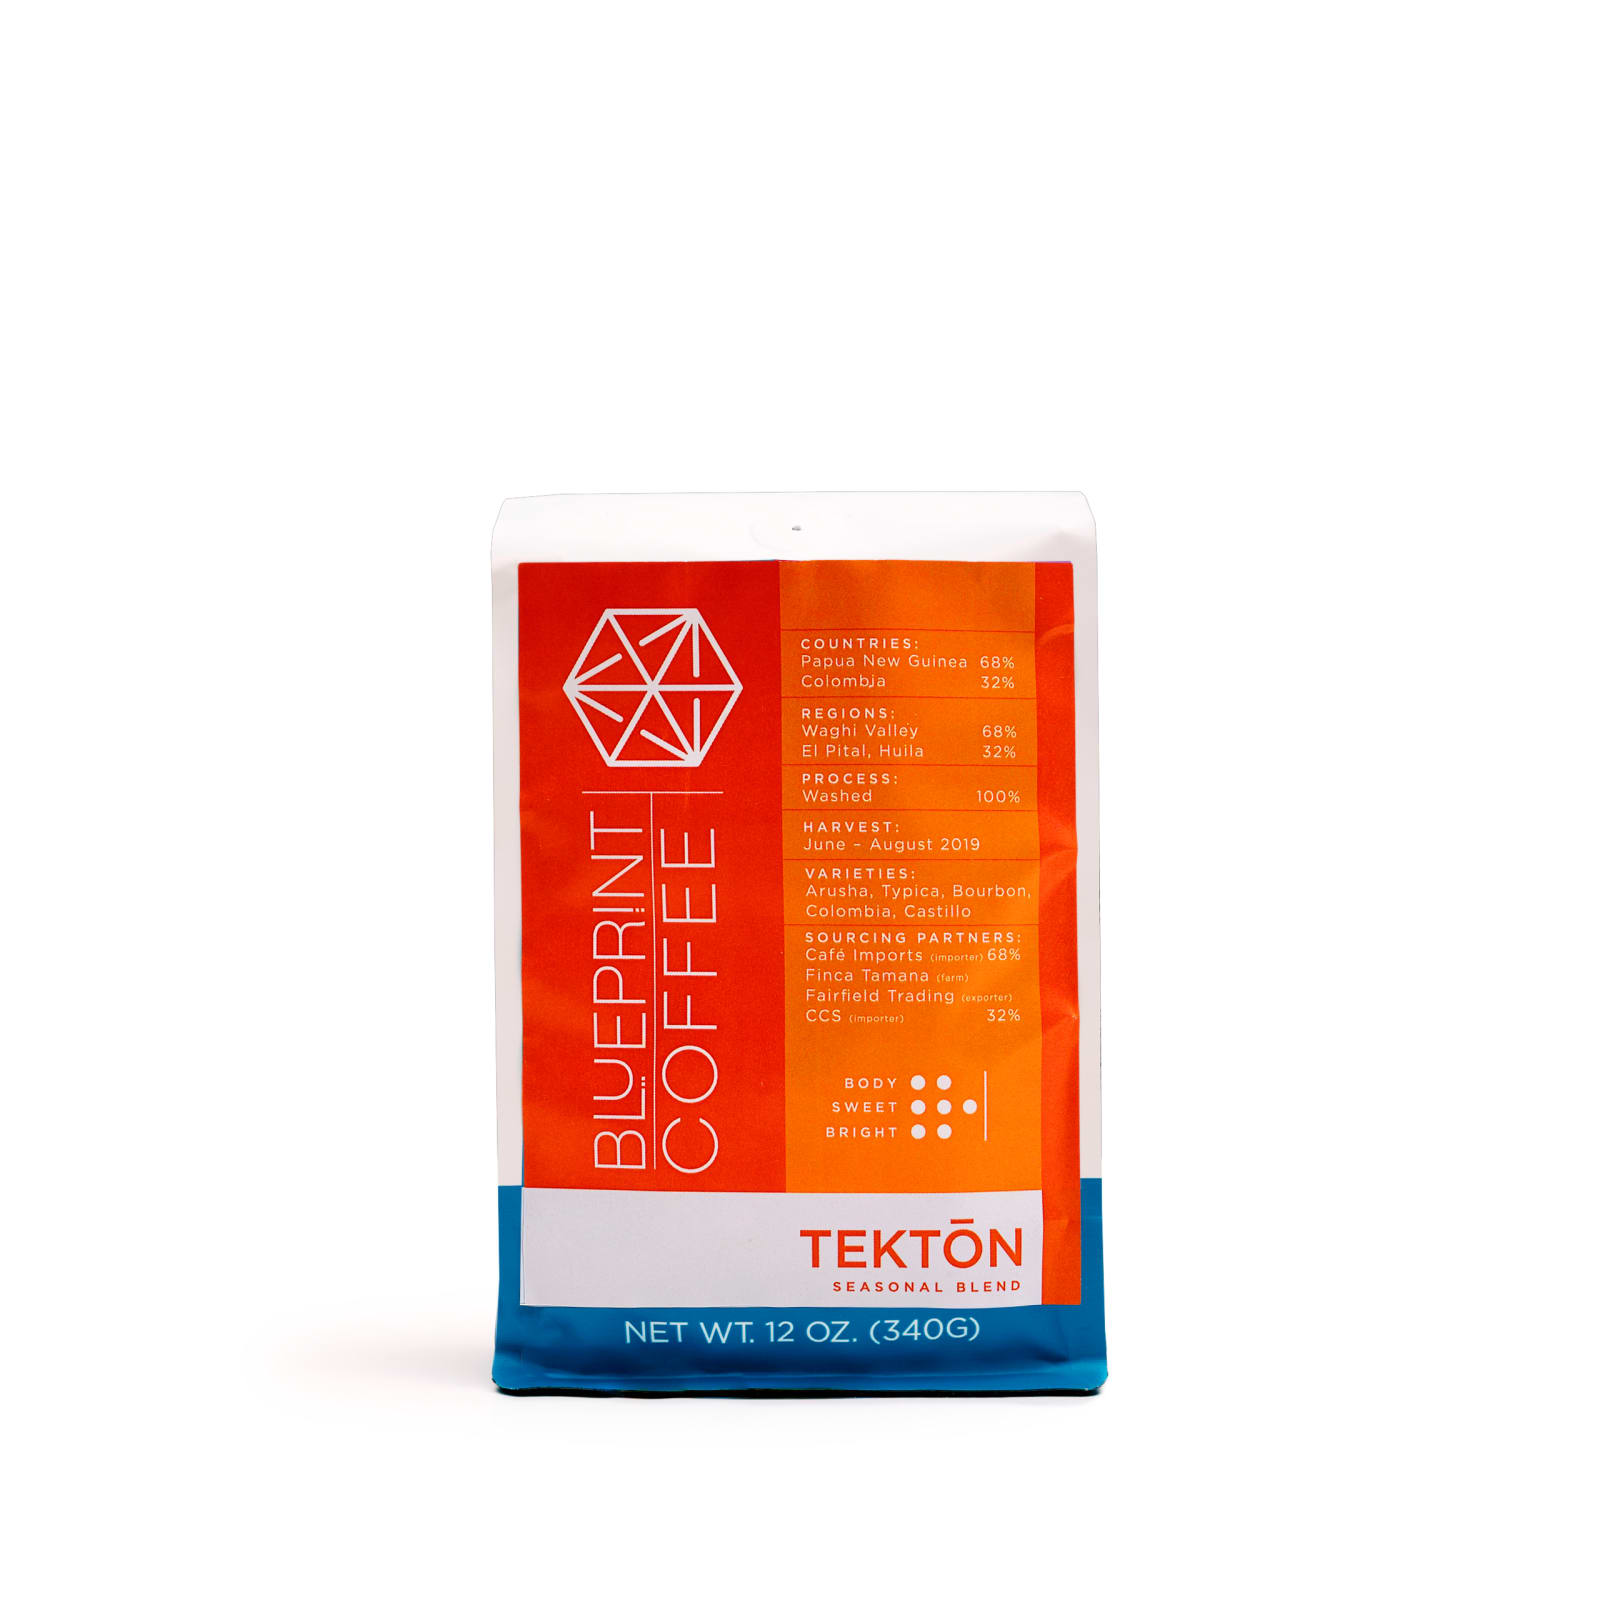 Tektōn